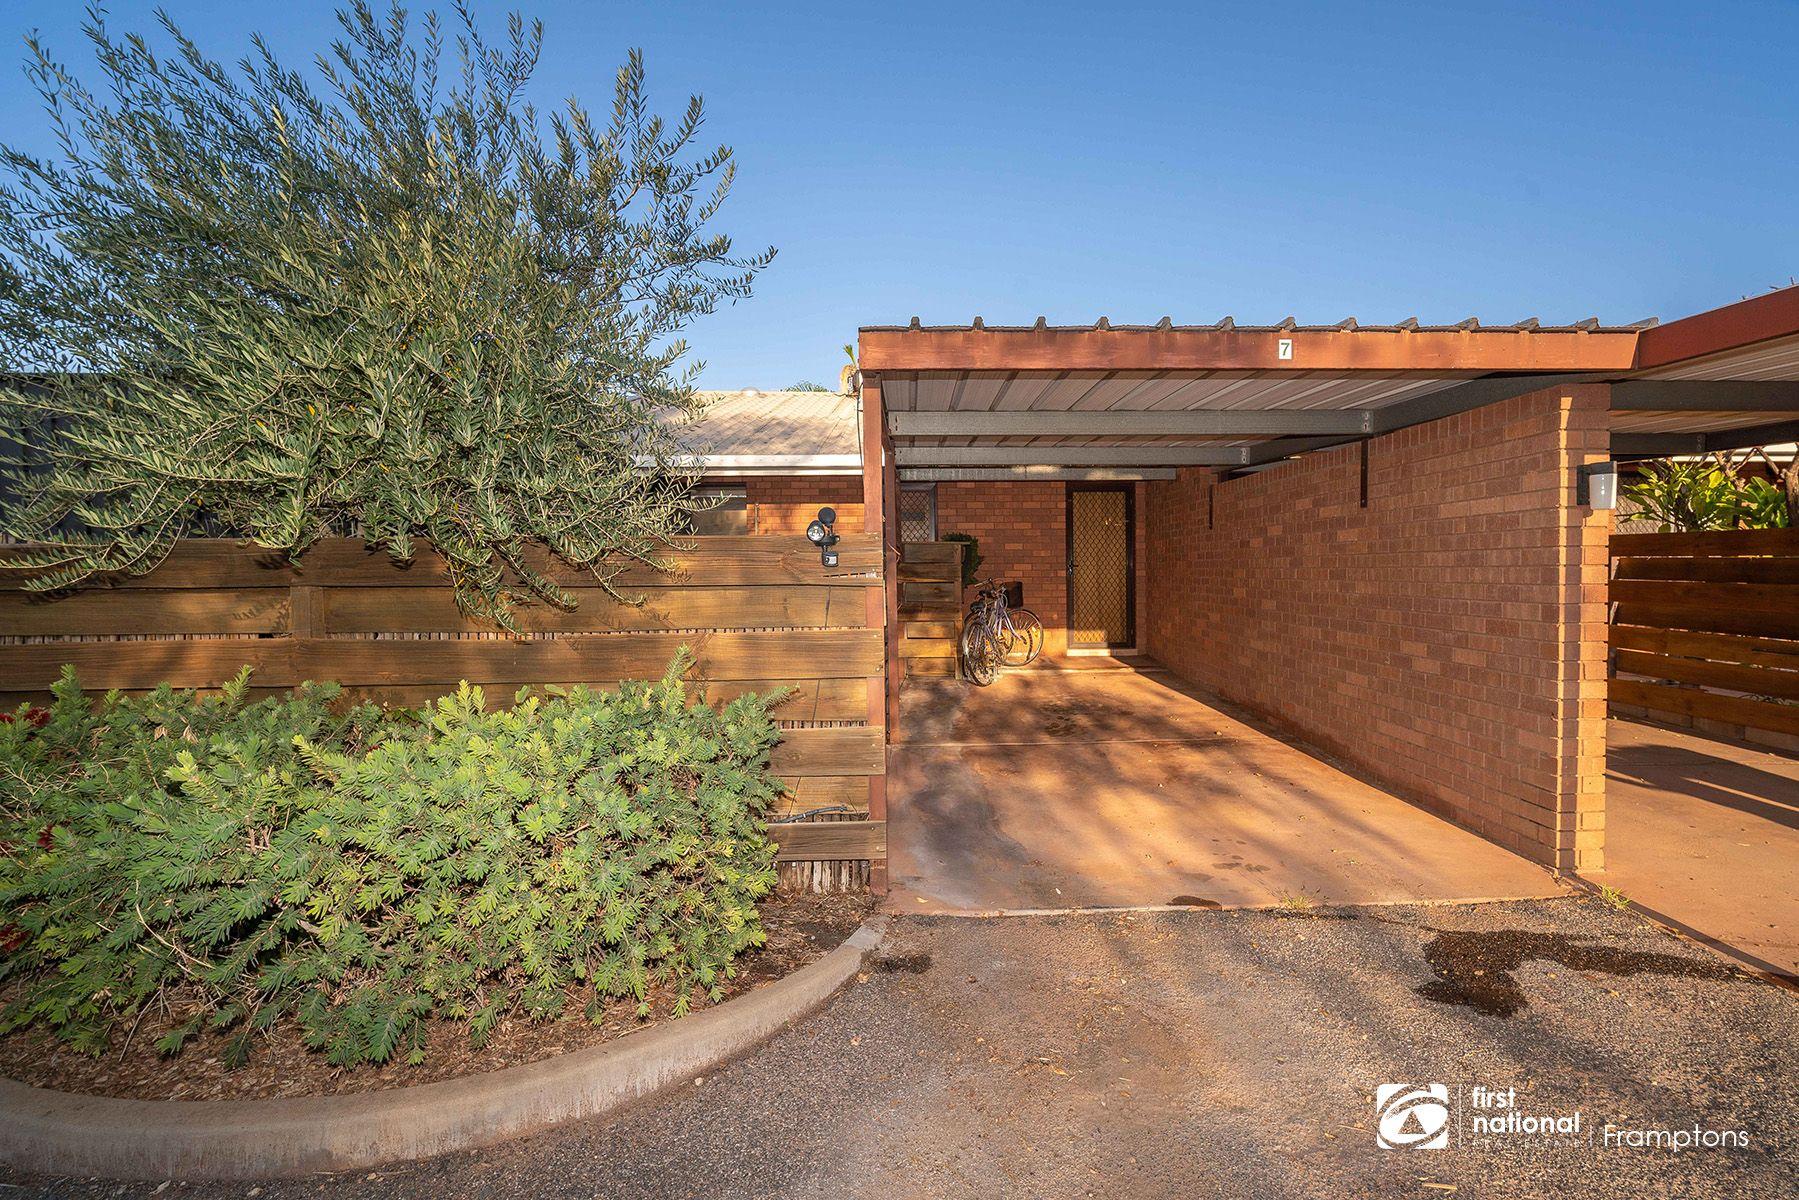 7/92 Barrett Drive, Desert Springs, NT 0870